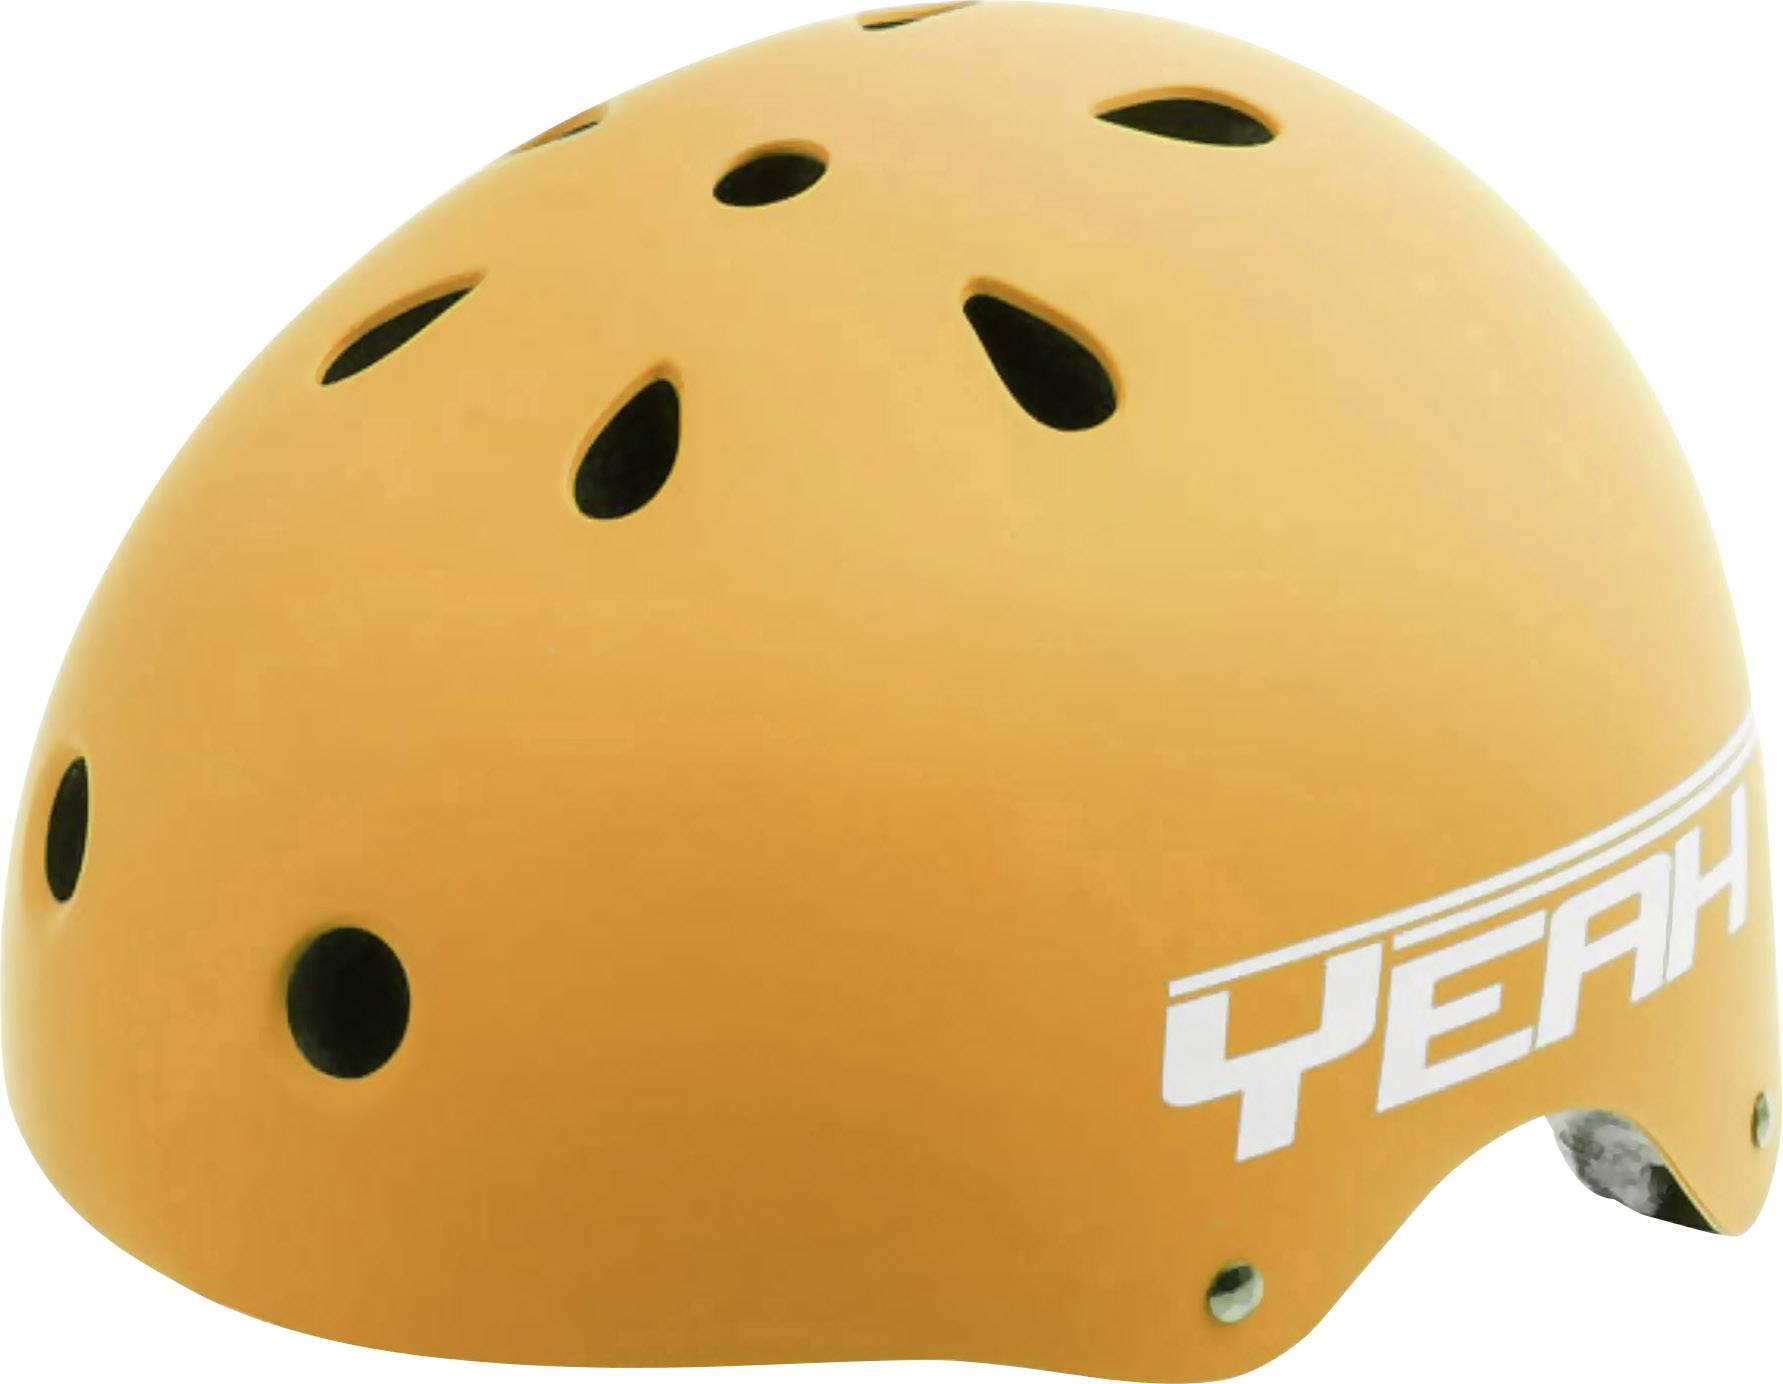 Fischer Fahrrad Kinder Space XSS Kinder Helm Schwarz